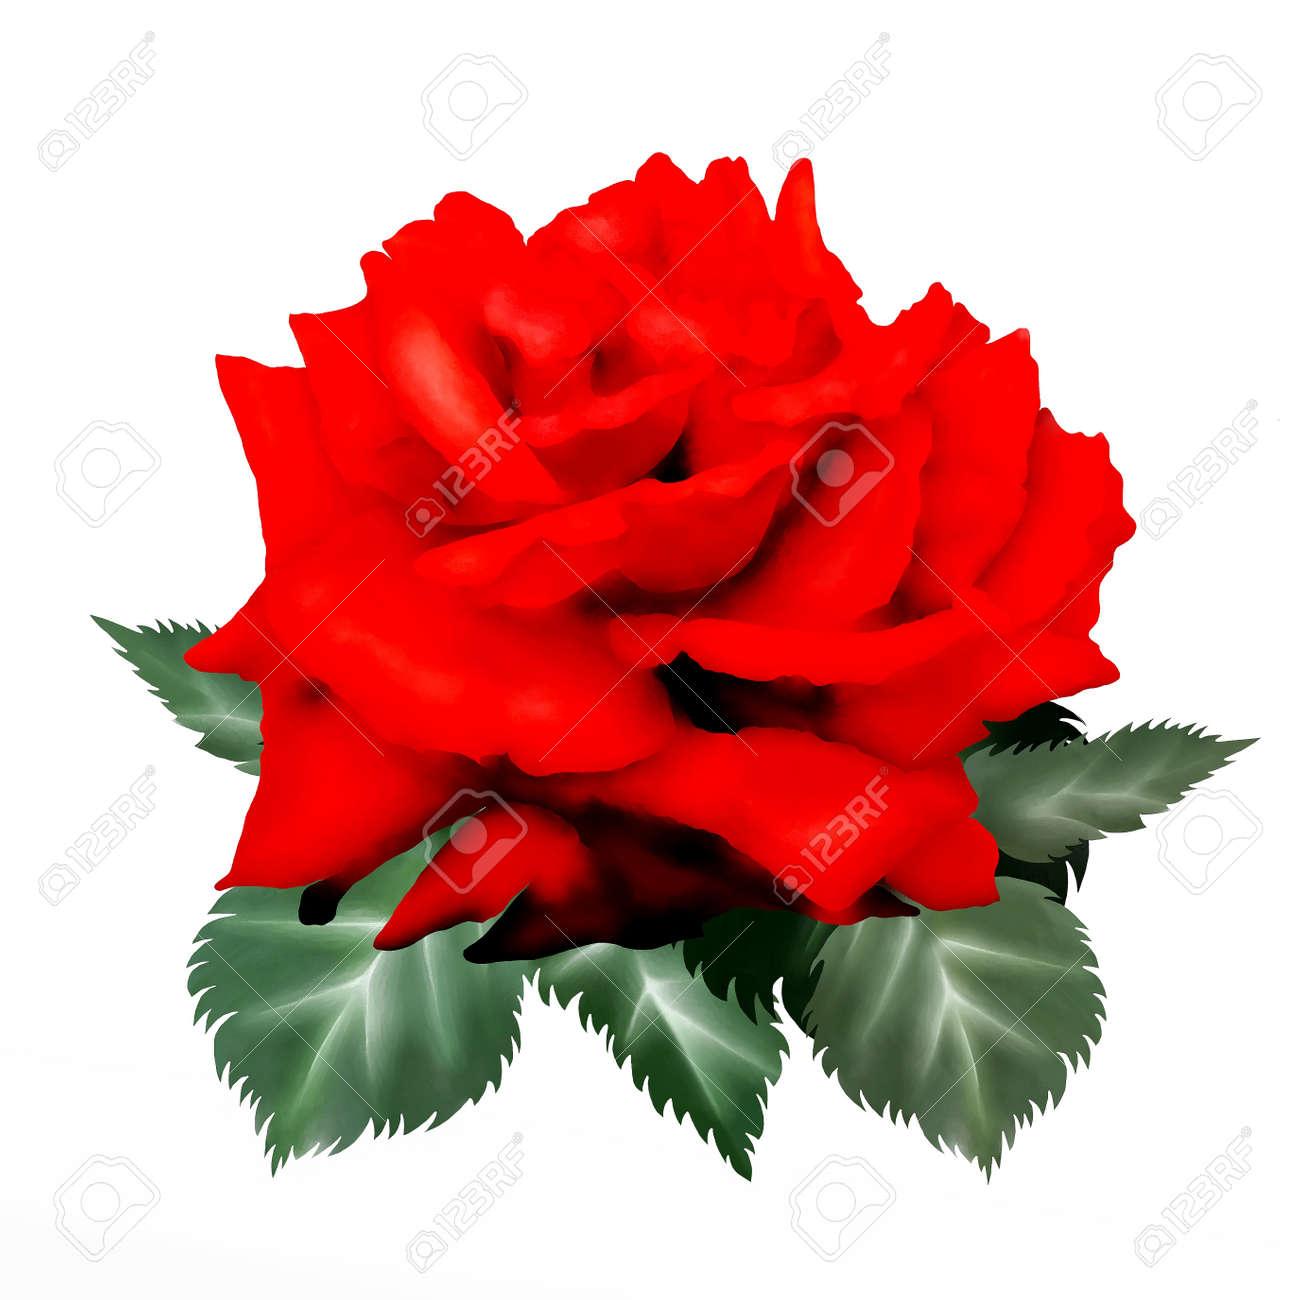 Uitzonderlijk Een Symbool Van Liefde, Hand Tekening Van Een Mooie Rode Roos &HS48